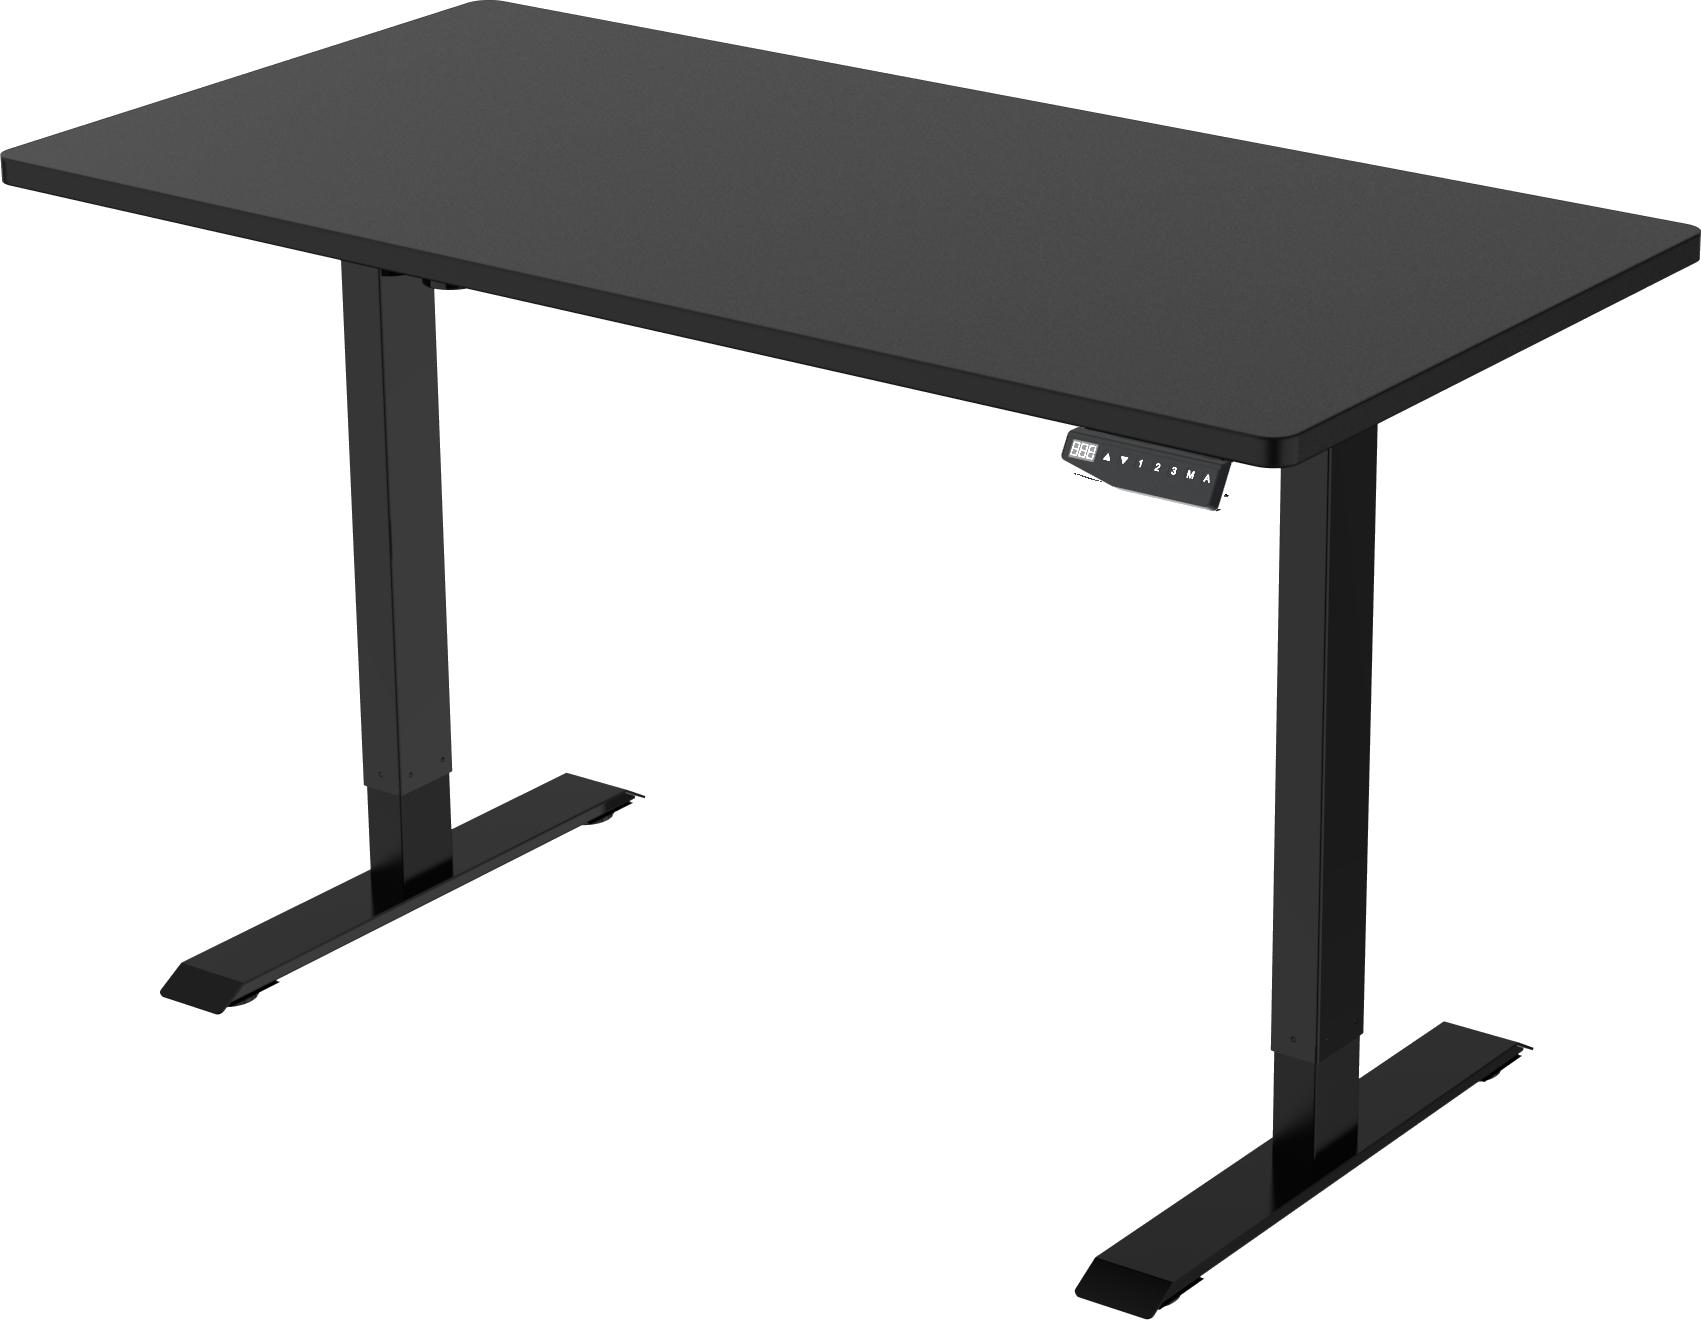 Element Stand Desk - Black Frame - Black Top - Front Right